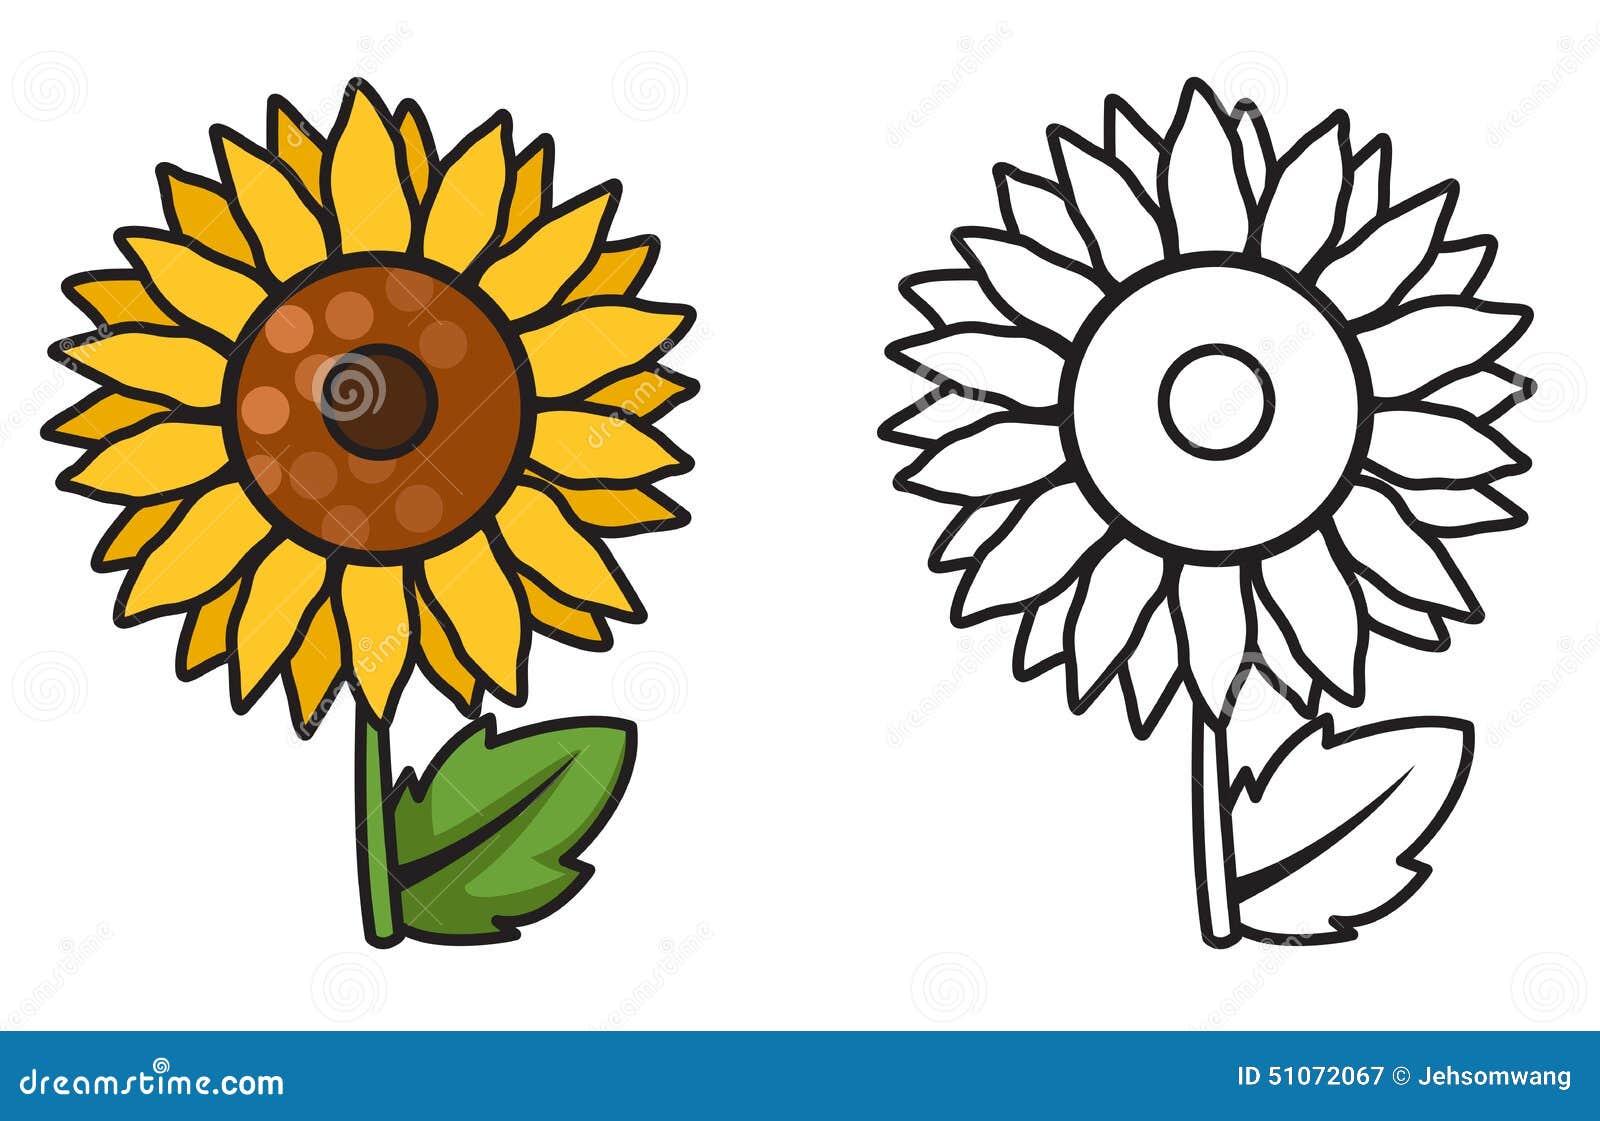 Tournesol color et noir et blanc pour livre de coloriage - Coloriage tournesol ...